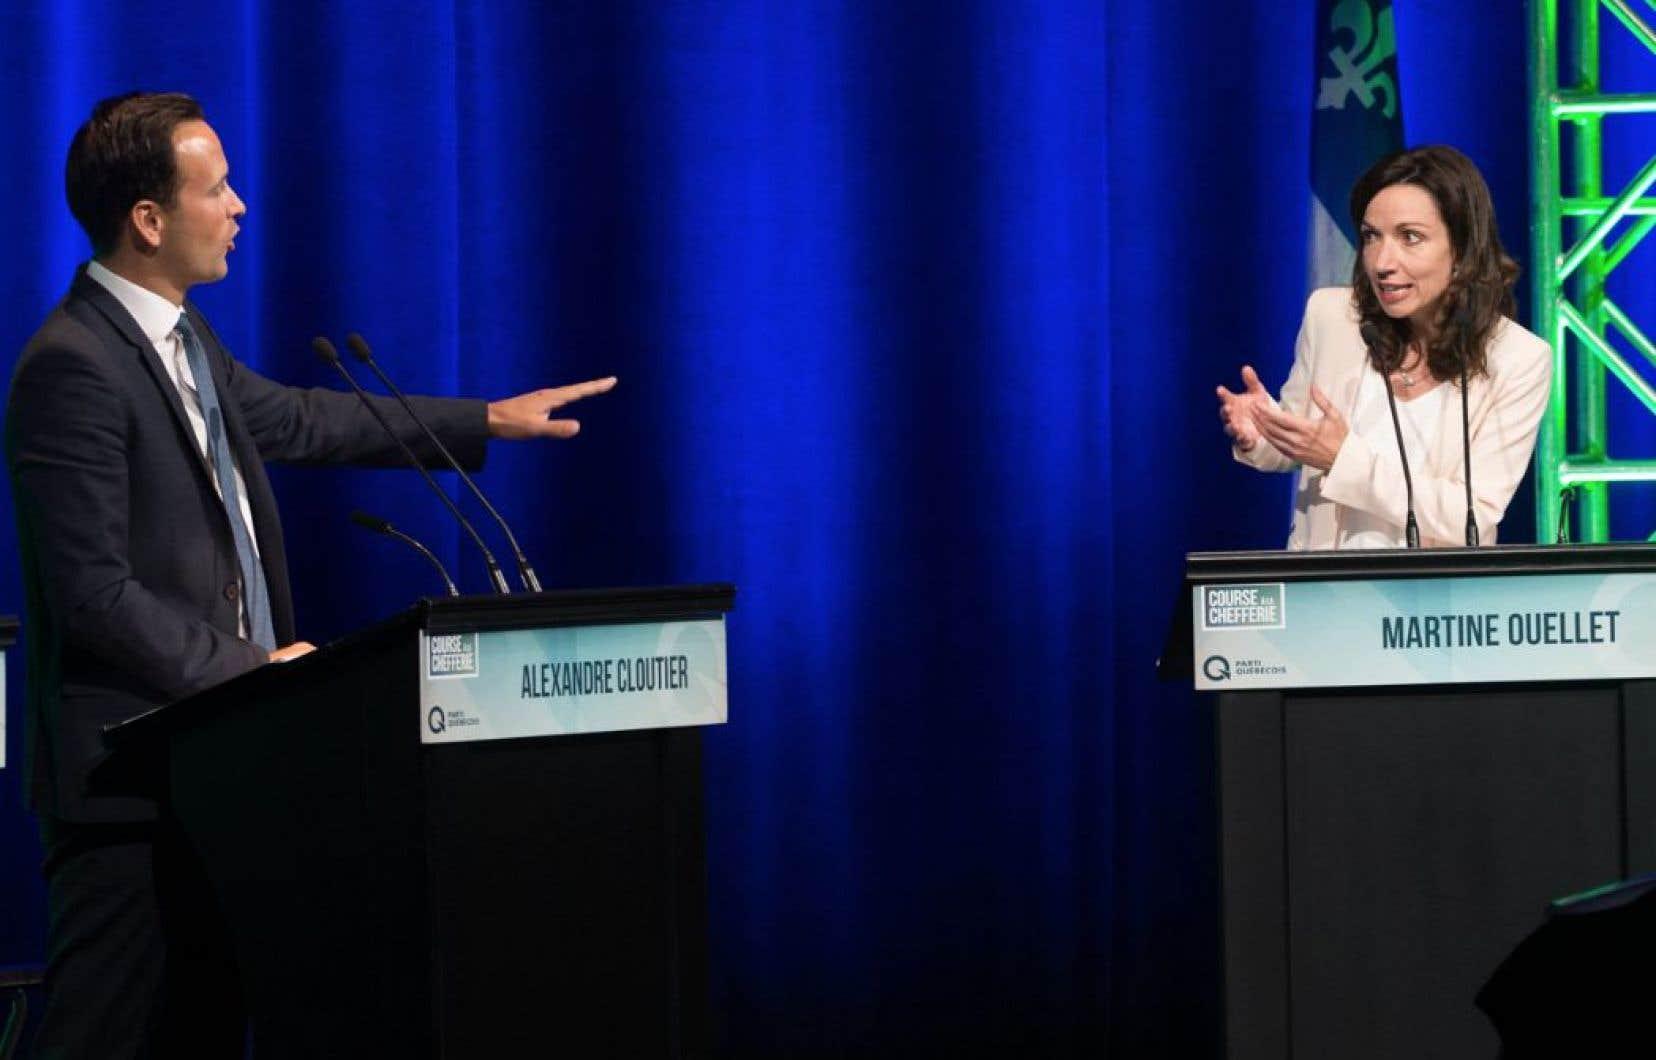 MmeOuellet se plaint de voir M.Cloutier et M.Lisée de chercher à la mettre à l'écart afin de la défavoriser d'ici l'élection du chef du PQ, le 7octobre prochain.